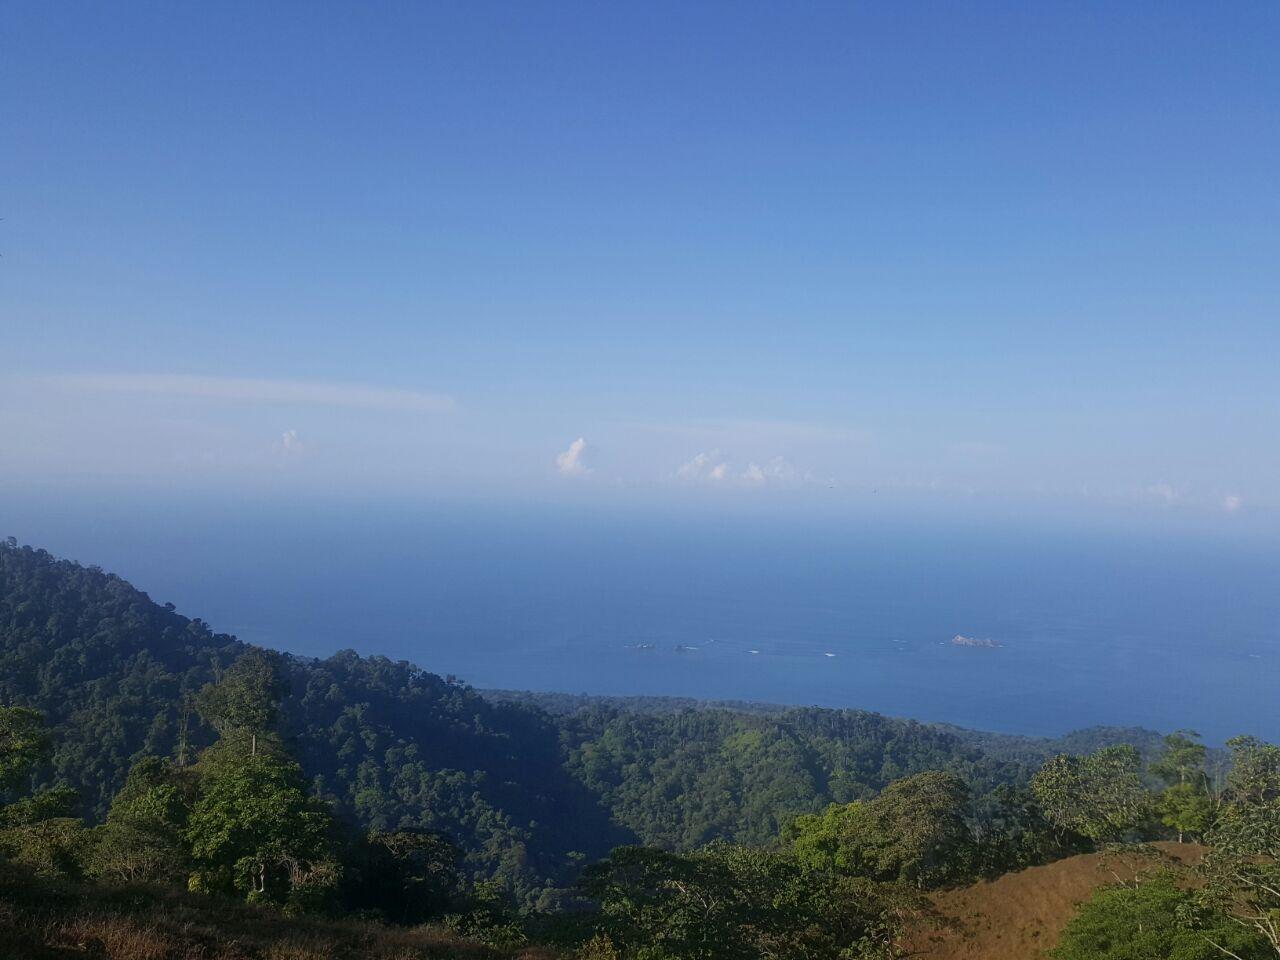 Propiedad en Puntarenas con vista a cola de ballena, a 4 kilometros de la carretera principal